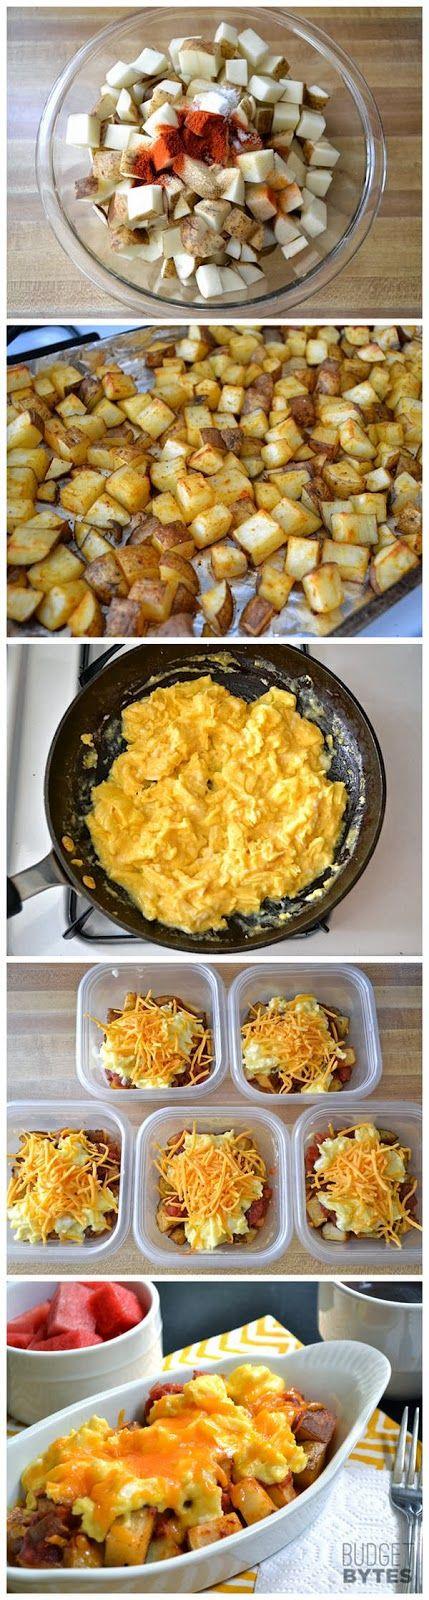 Best Healthy Fast Food Breakfast  1000 ideas about Fast Food Breakfast on Pinterest